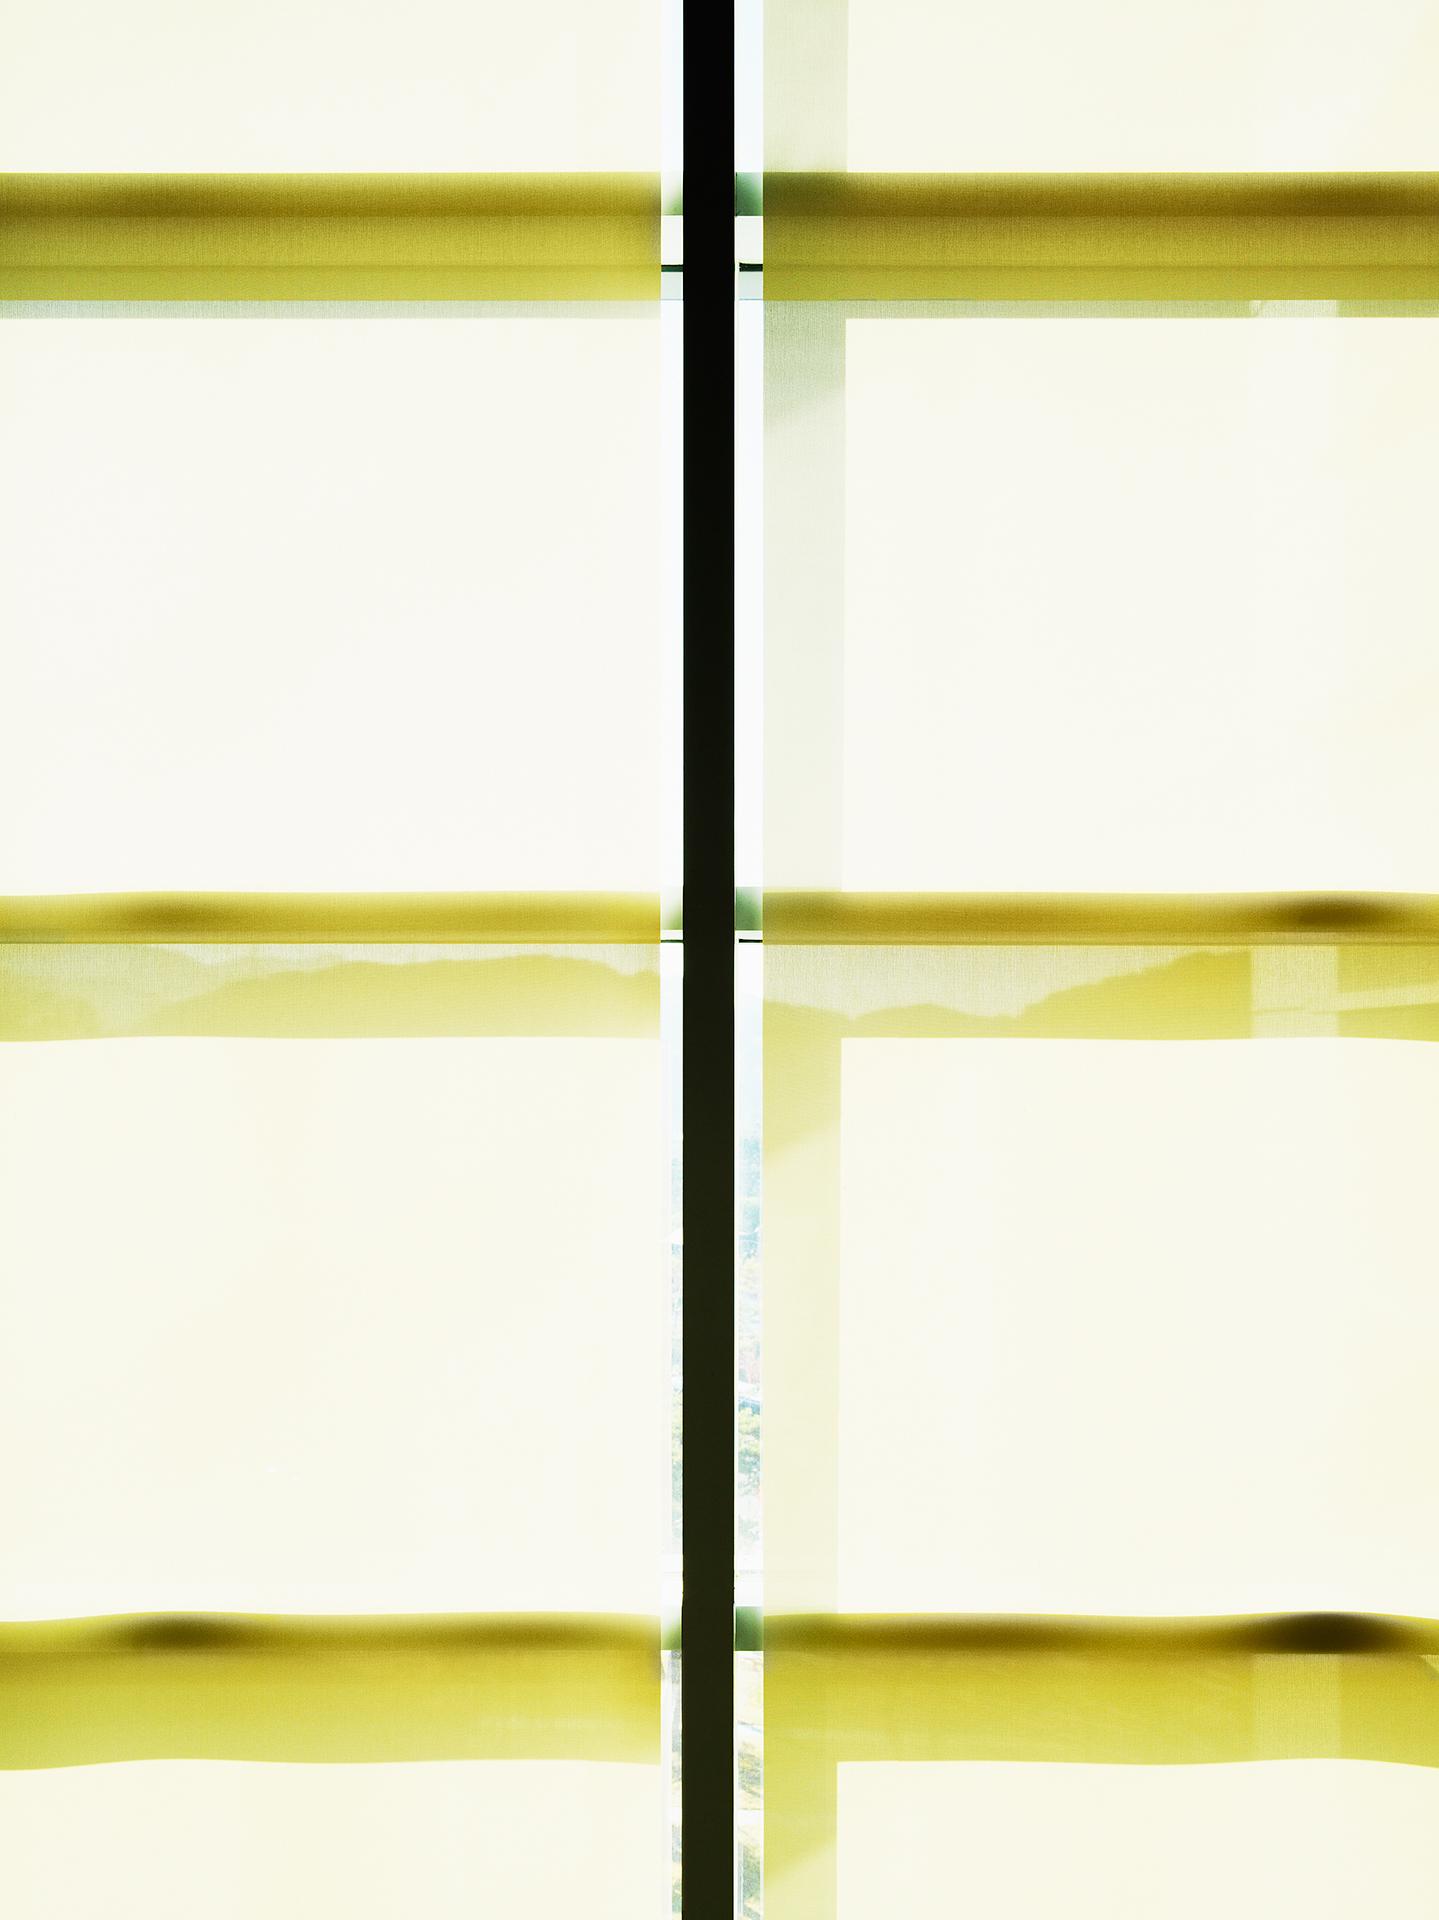 Light Flow : lf, Cl-25   pigment print, diasec, framed  94 x 70cm, 2015